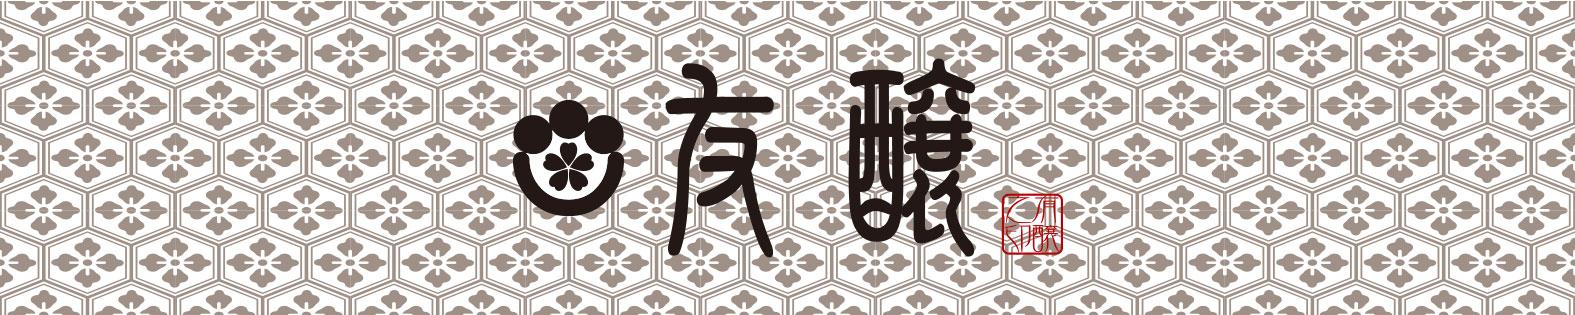 【日本酒】半蔵 新酒しぼりたて純米 うすにごり 無濾過生原酒 神の穂60 限定 新酒26BY_e0173738_10282454.jpg